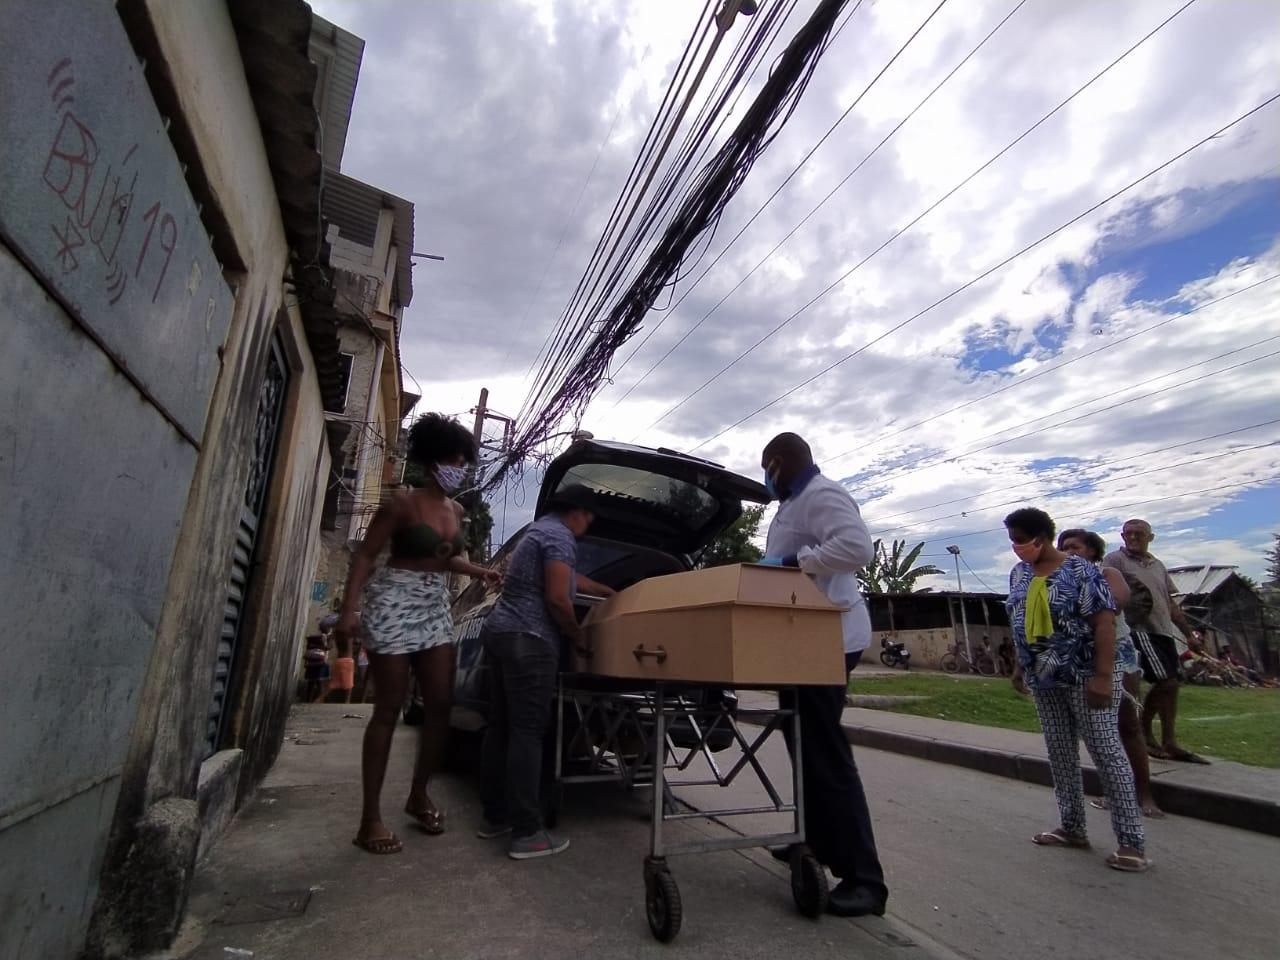 Após 27 horas, funerária retira corpo de idoso em Manguinhos com suspeita de Covid-19